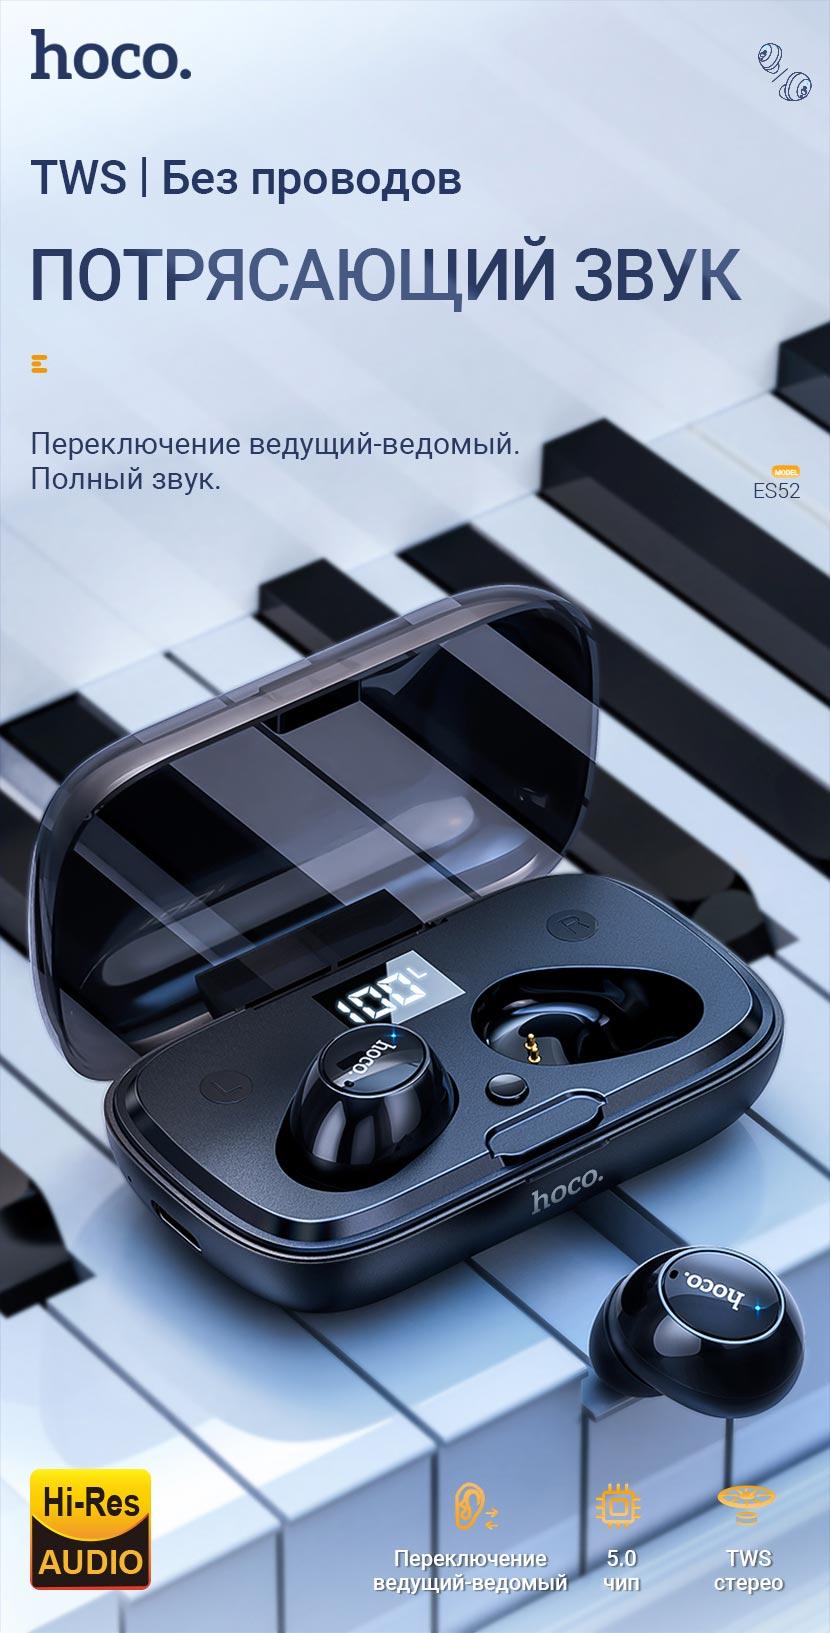 hoco news es52 delight tws wireless bt headset ru